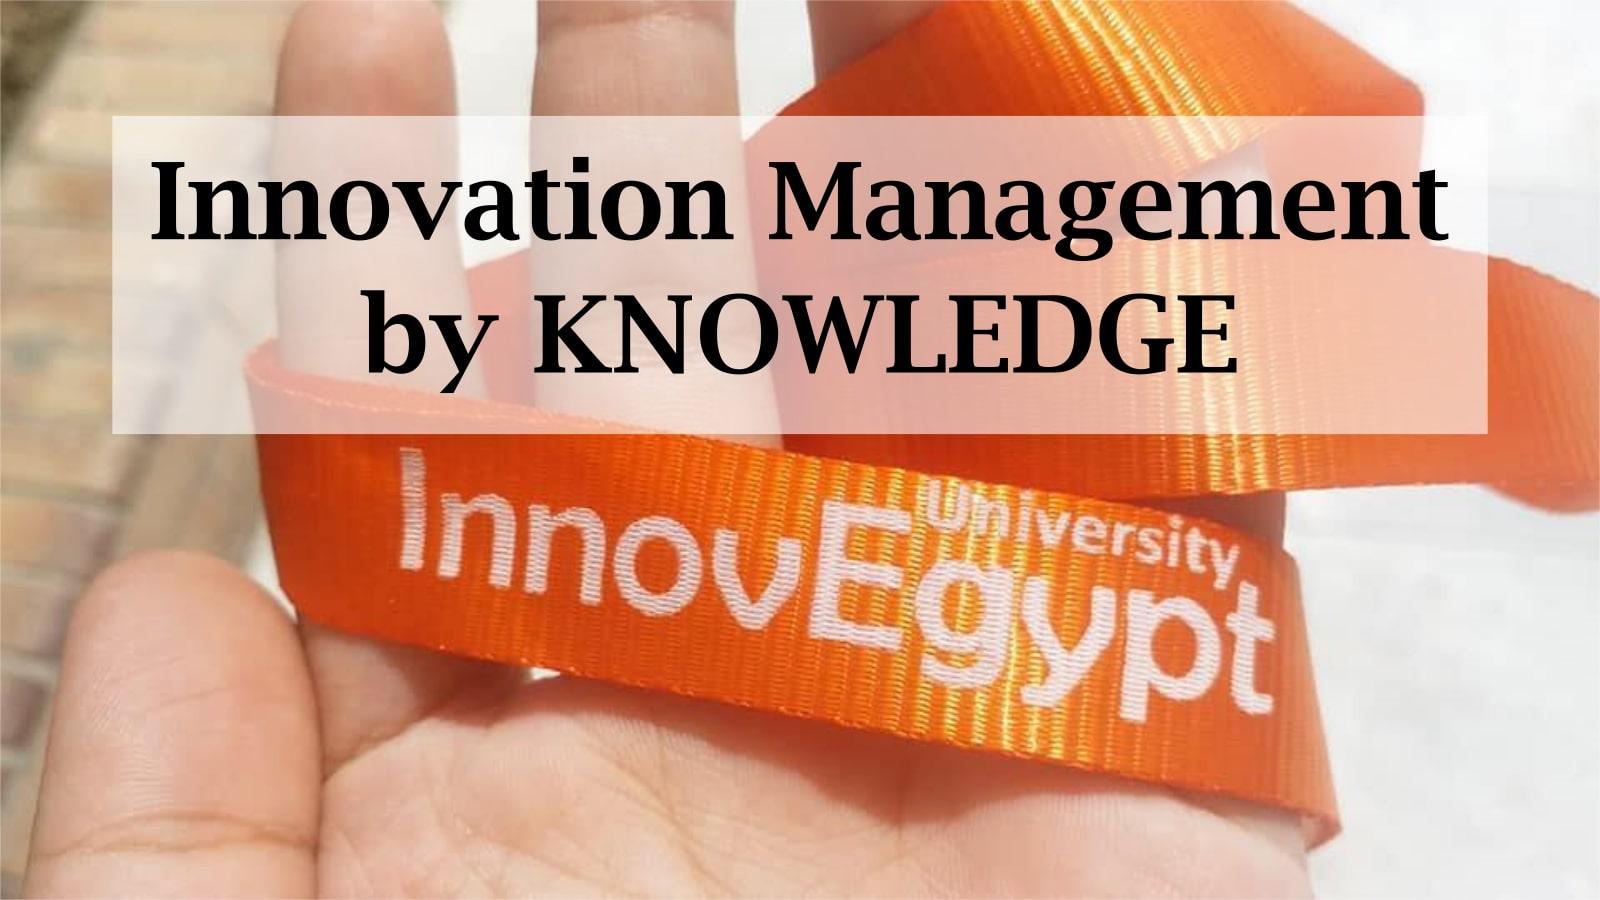 الحقيبة التدريبية على إدارة الإبداع والتكنولوجيا – برنامج InnovEgypt بواسطة شركة نولدج